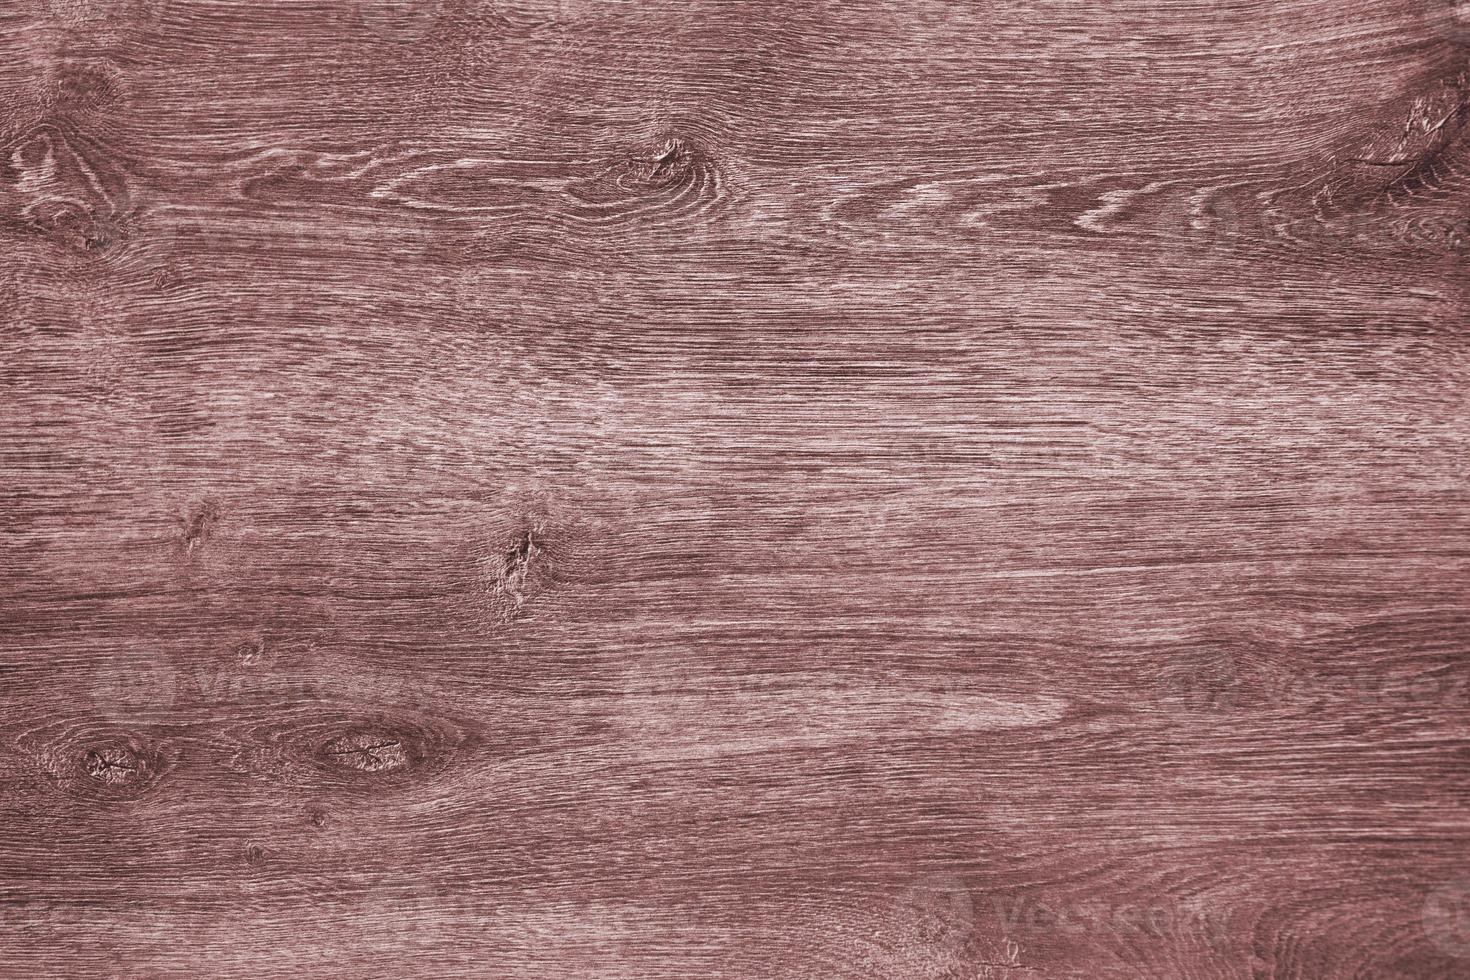 Holztafel für Hintergrund foto